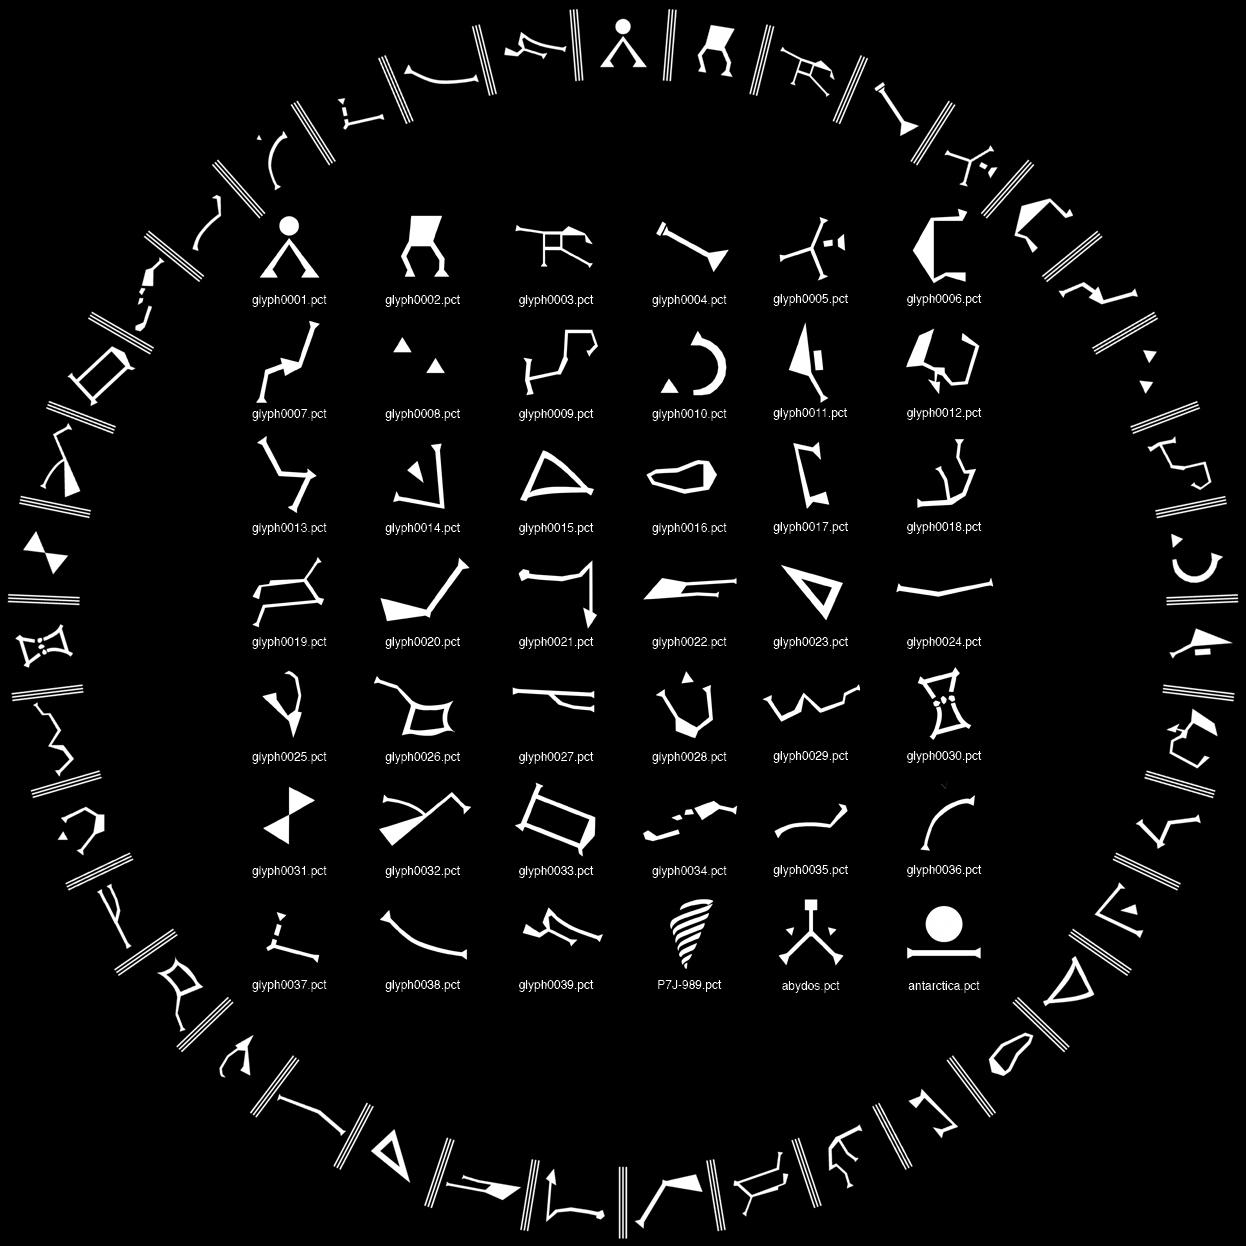 Stargate Symbols » Stargate Ref...